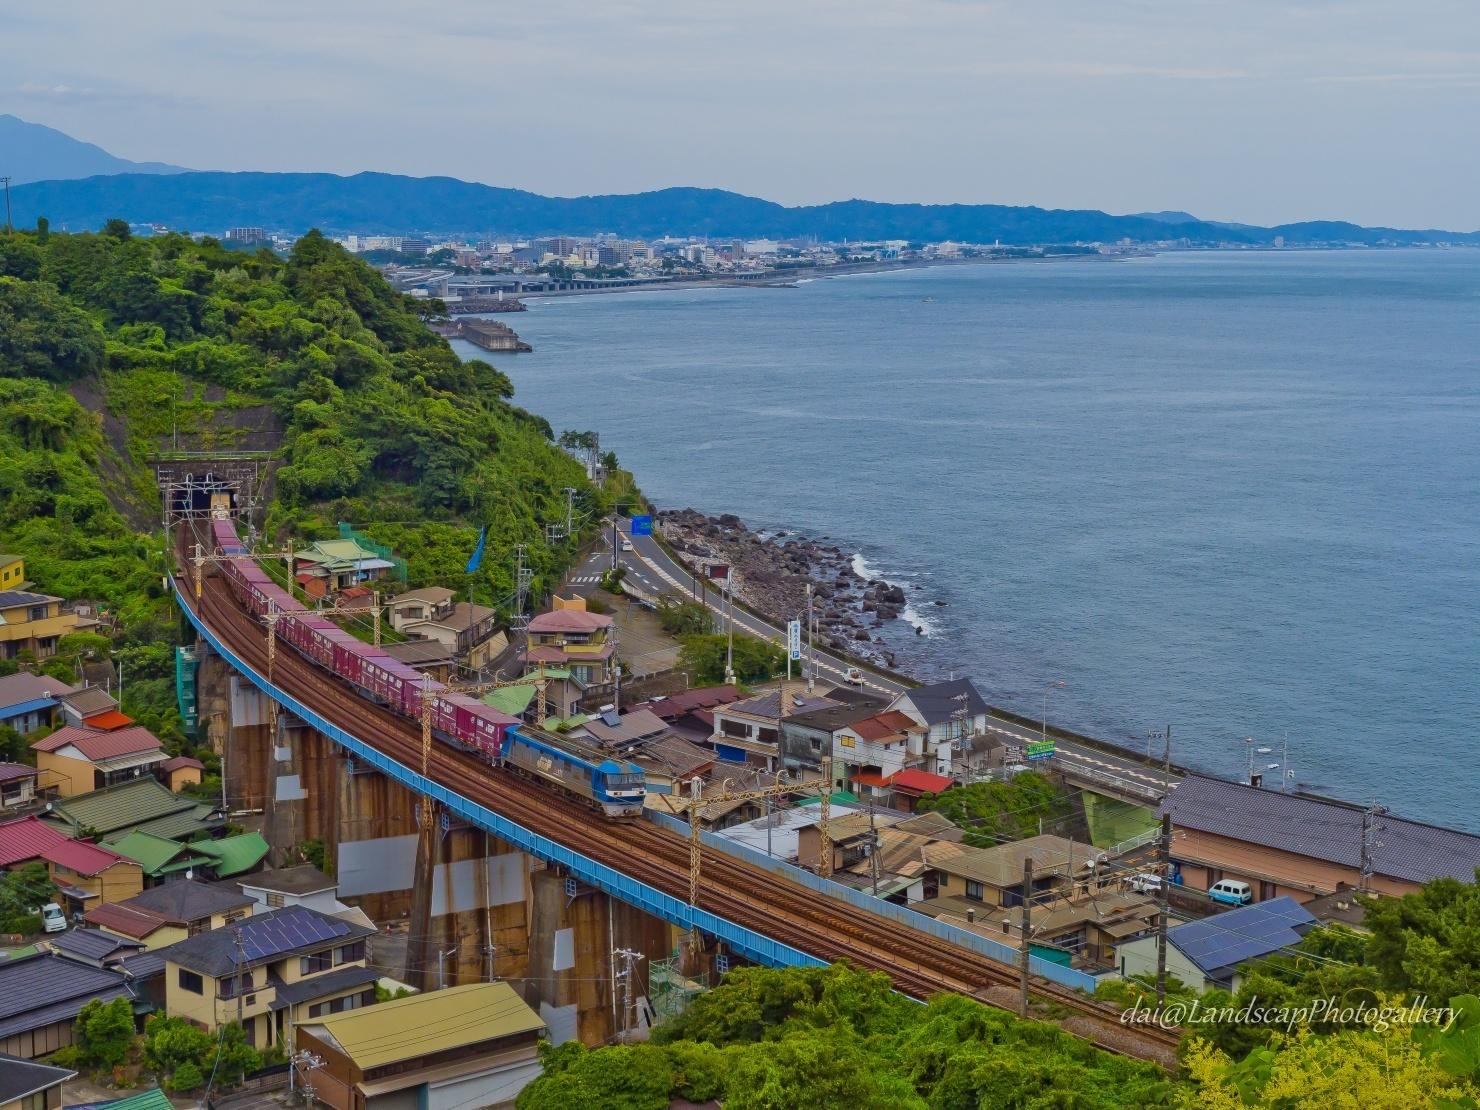 EF210コンテナ列車 玉川橋梁俯瞰風景